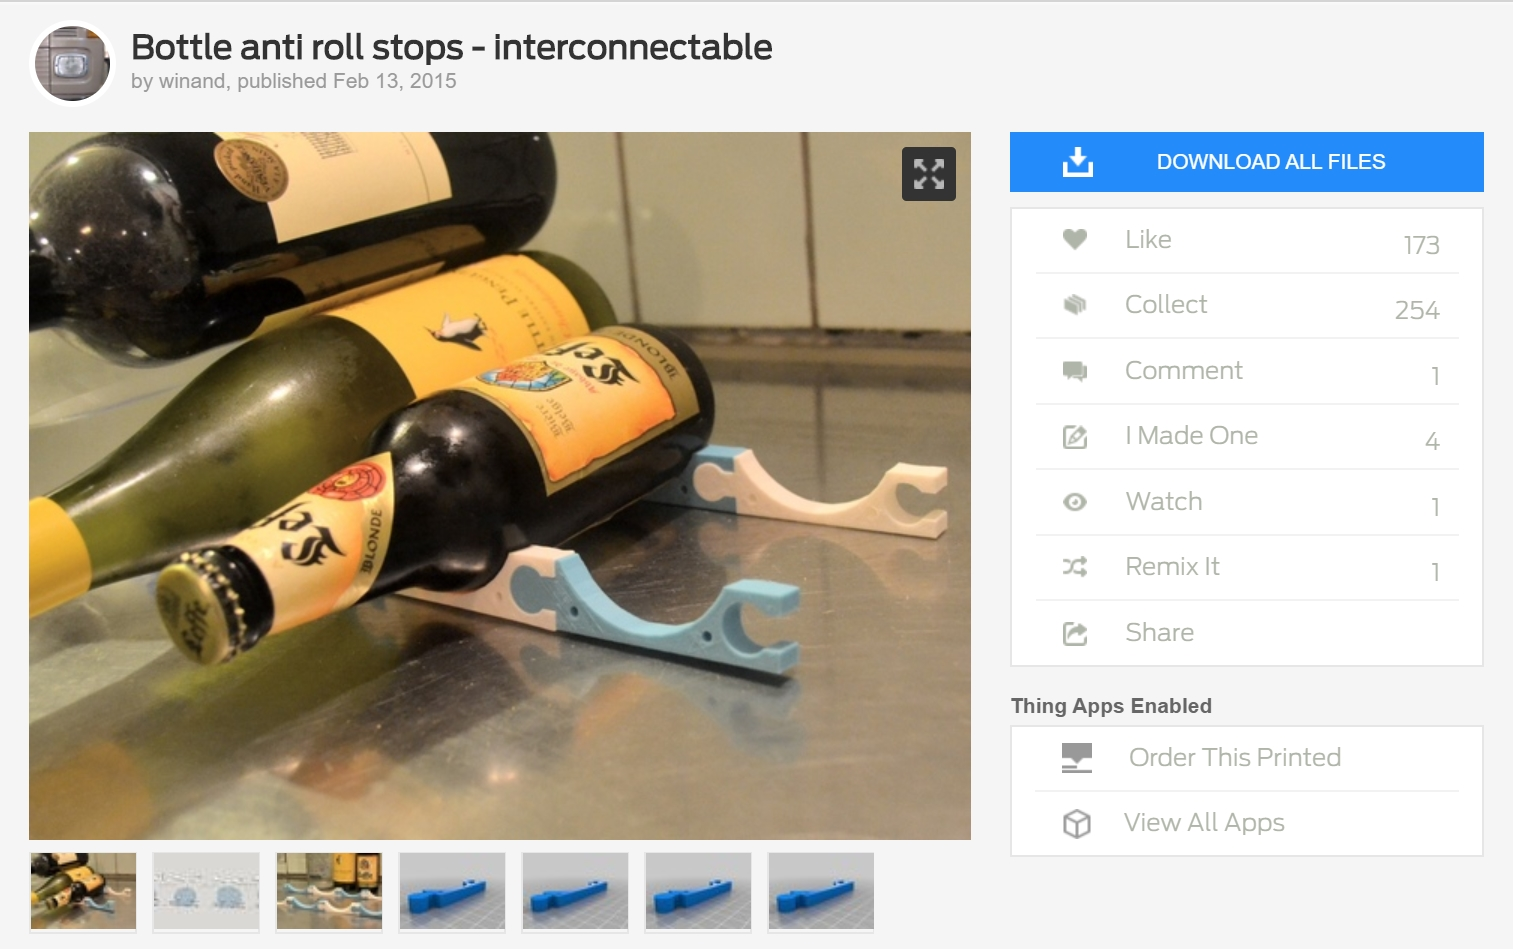 Refrigerator Beer Bottle Holders - Functional 3D Printing #1